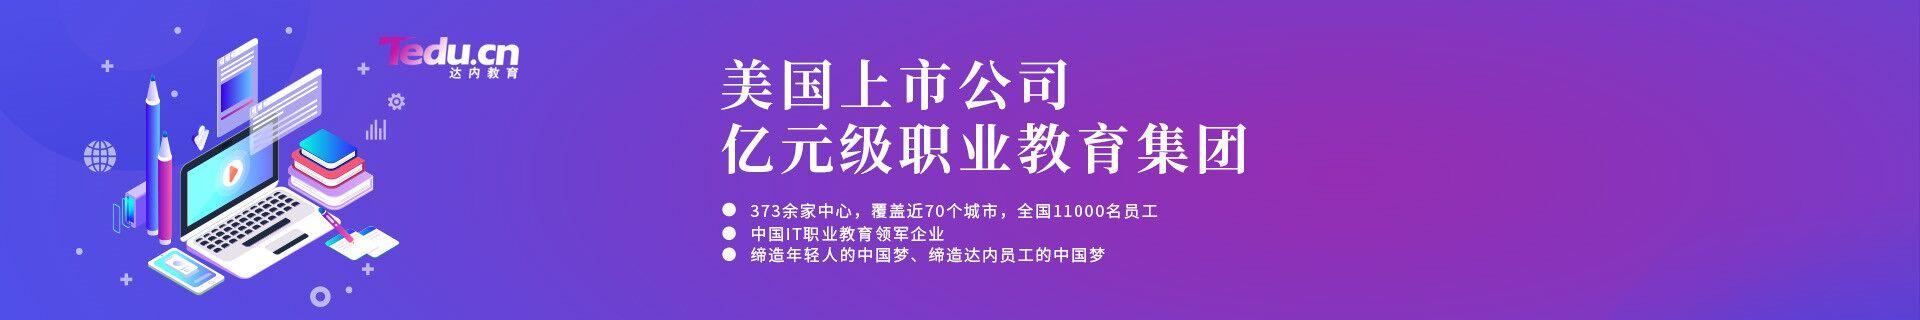 哈尔滨香坊区中山路达内教育